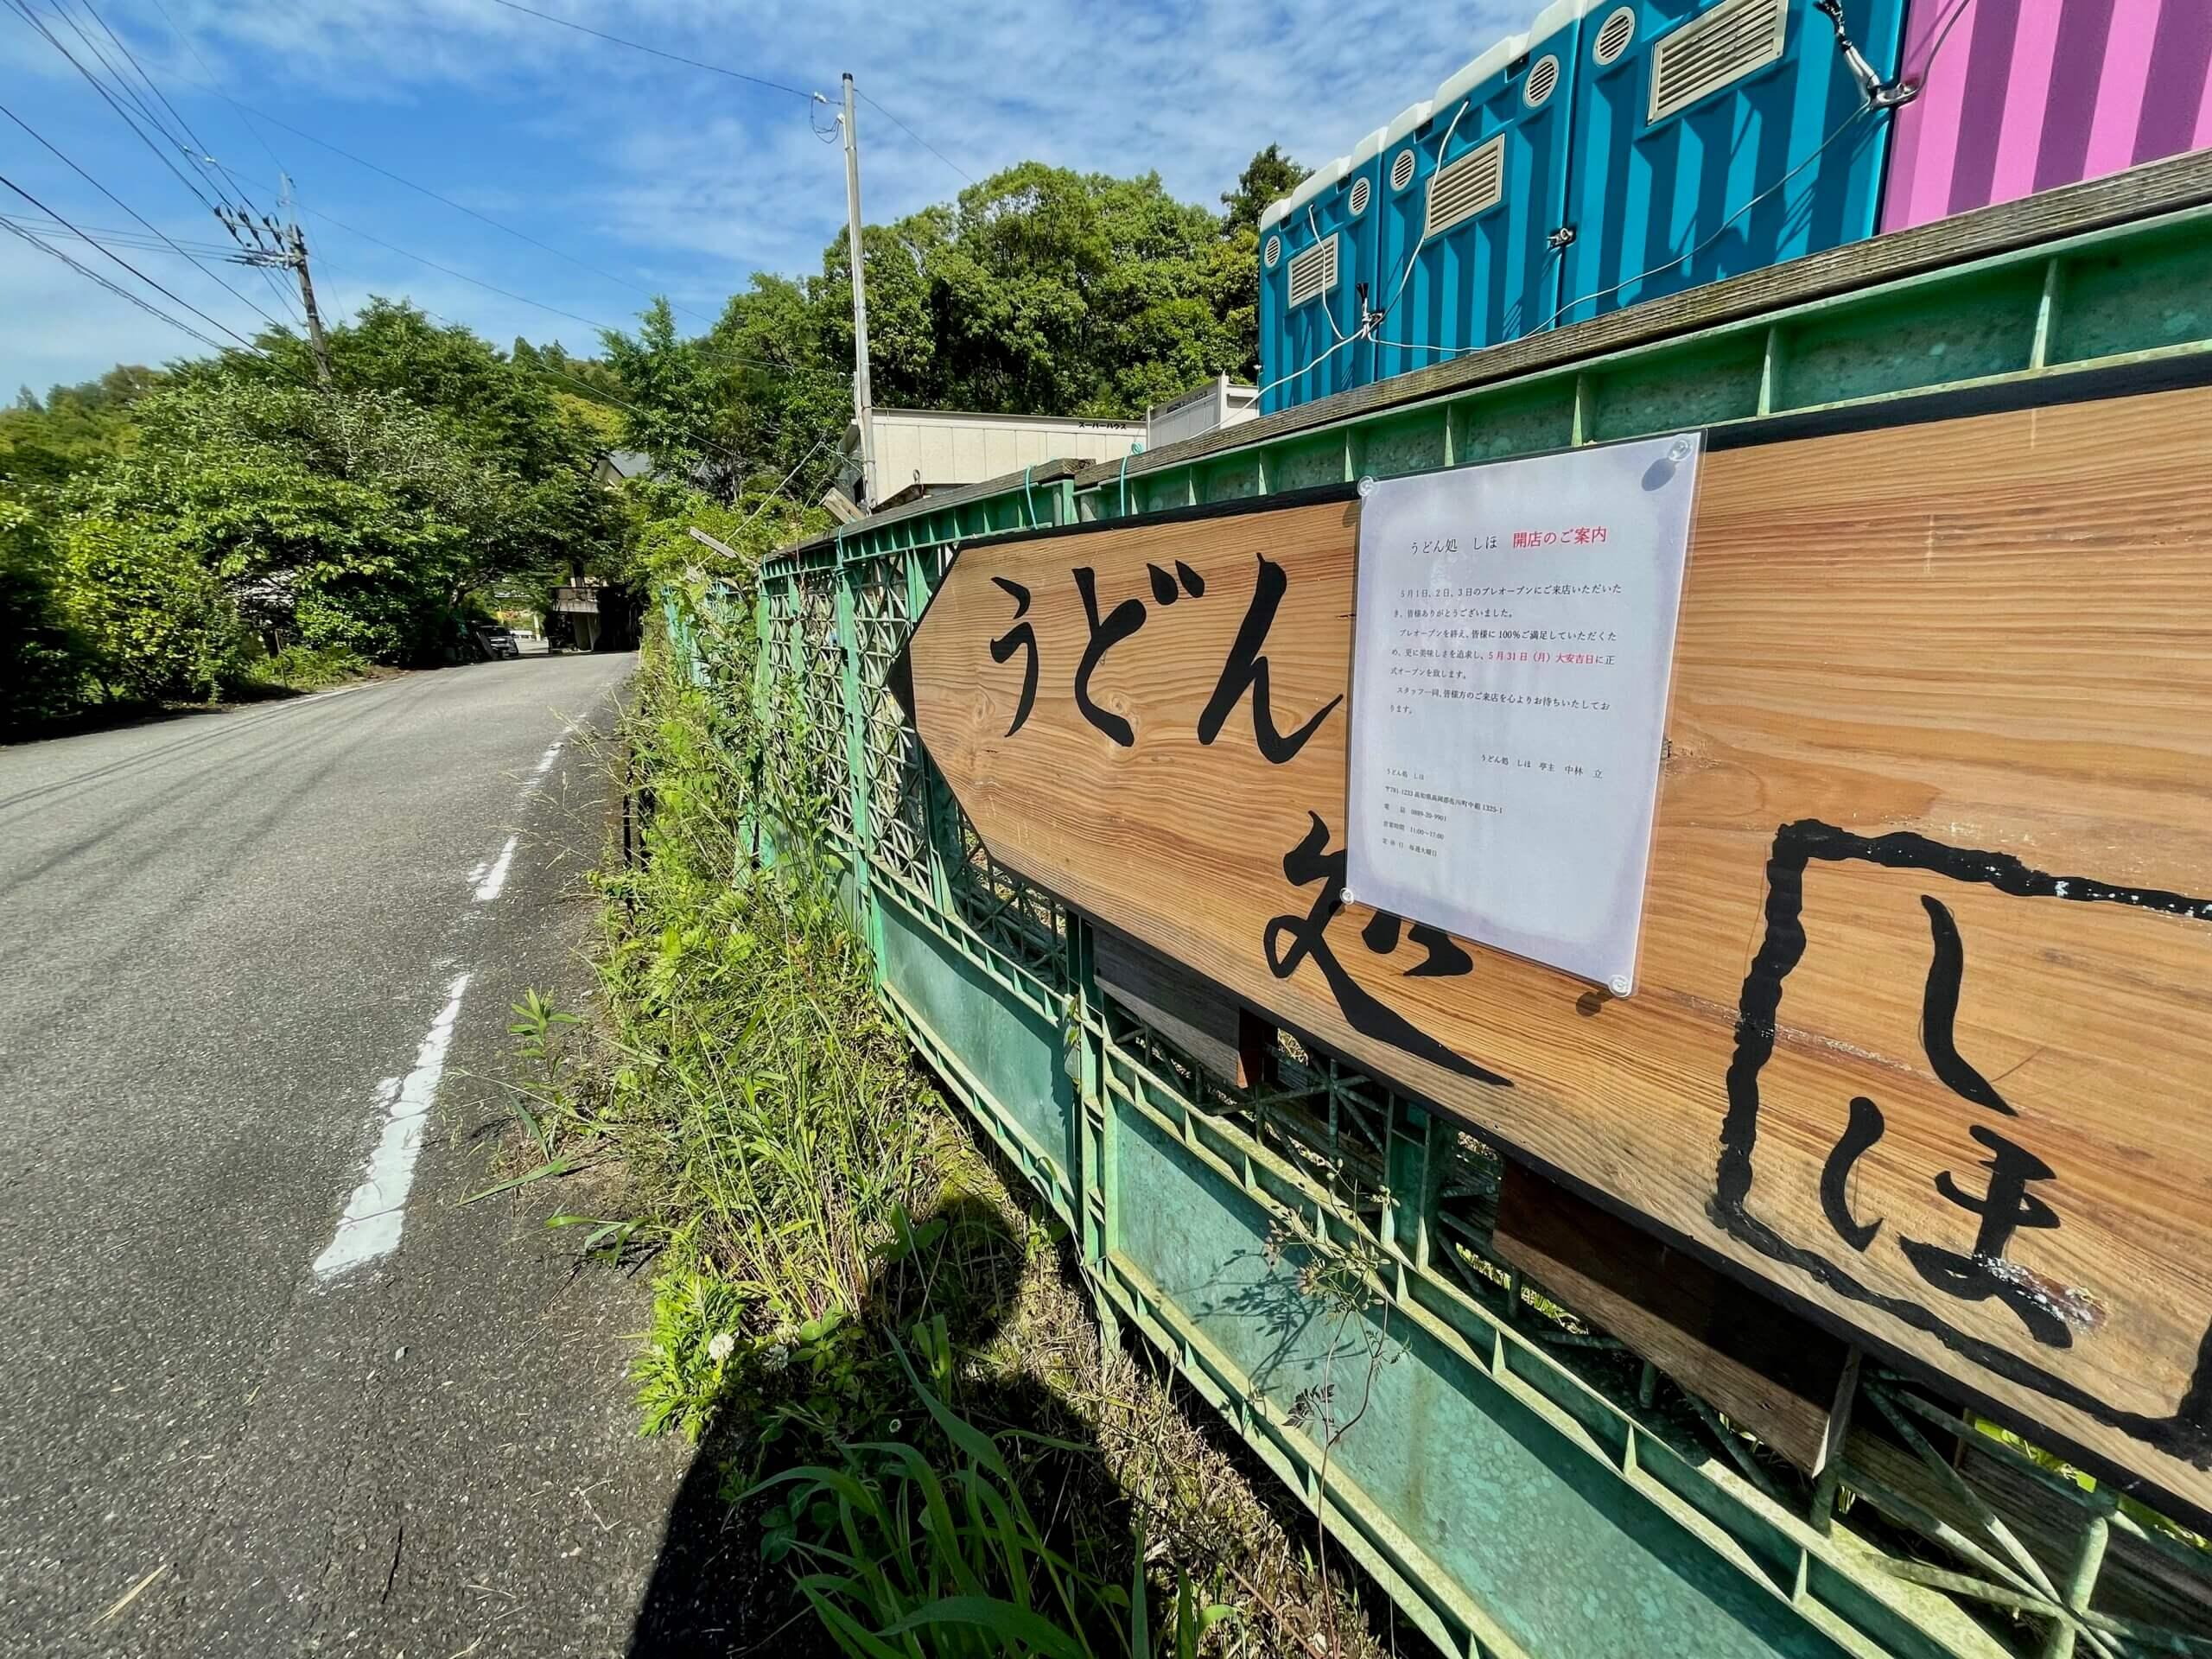 国道494号線 龍王公園(タコ公園)前にあるうどん処しほの看板